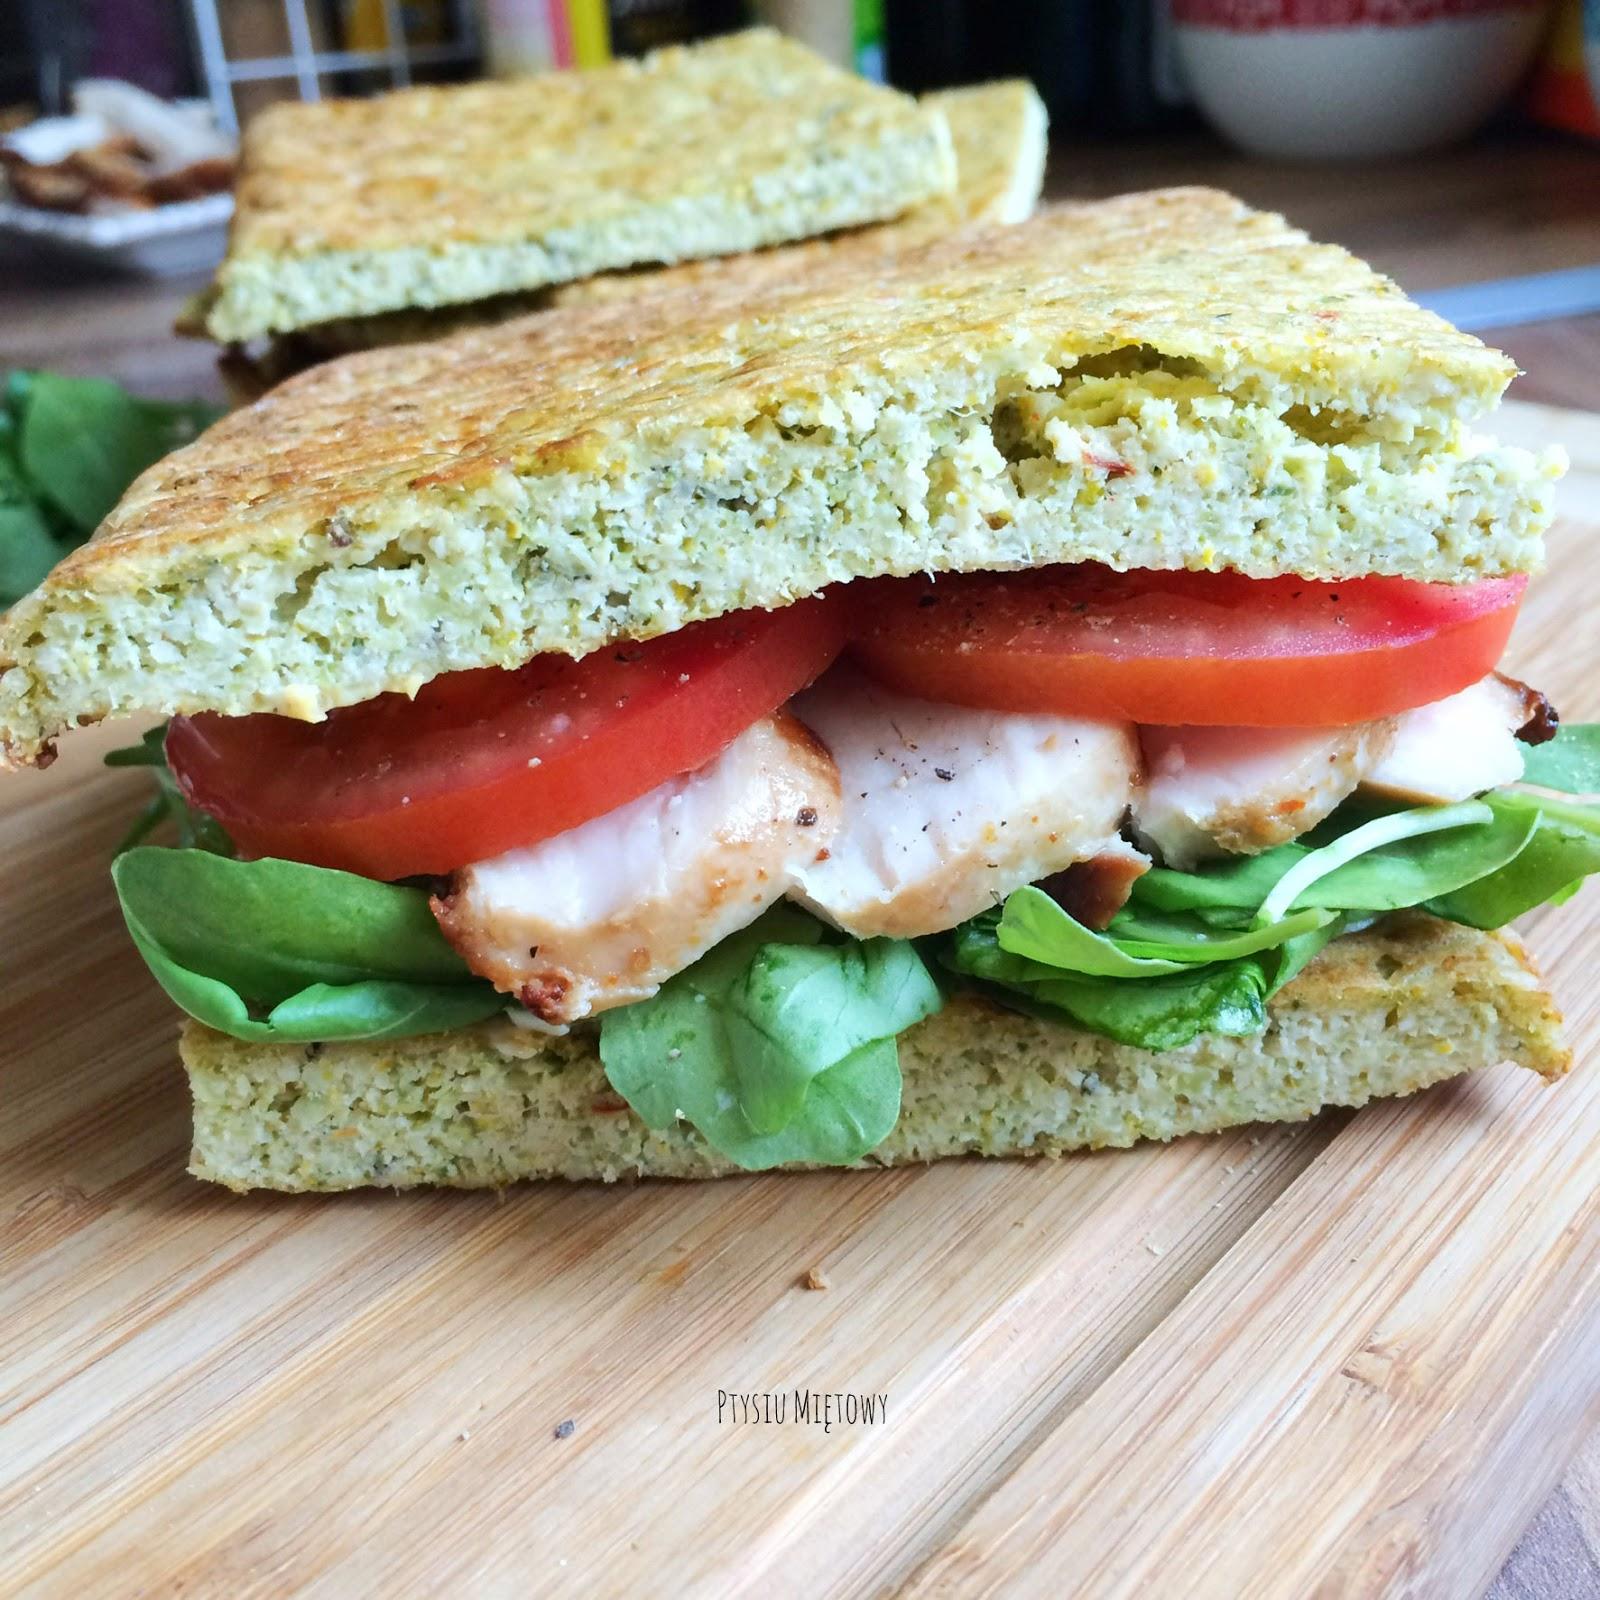 chleb brokulowy, ptysiu mietowy